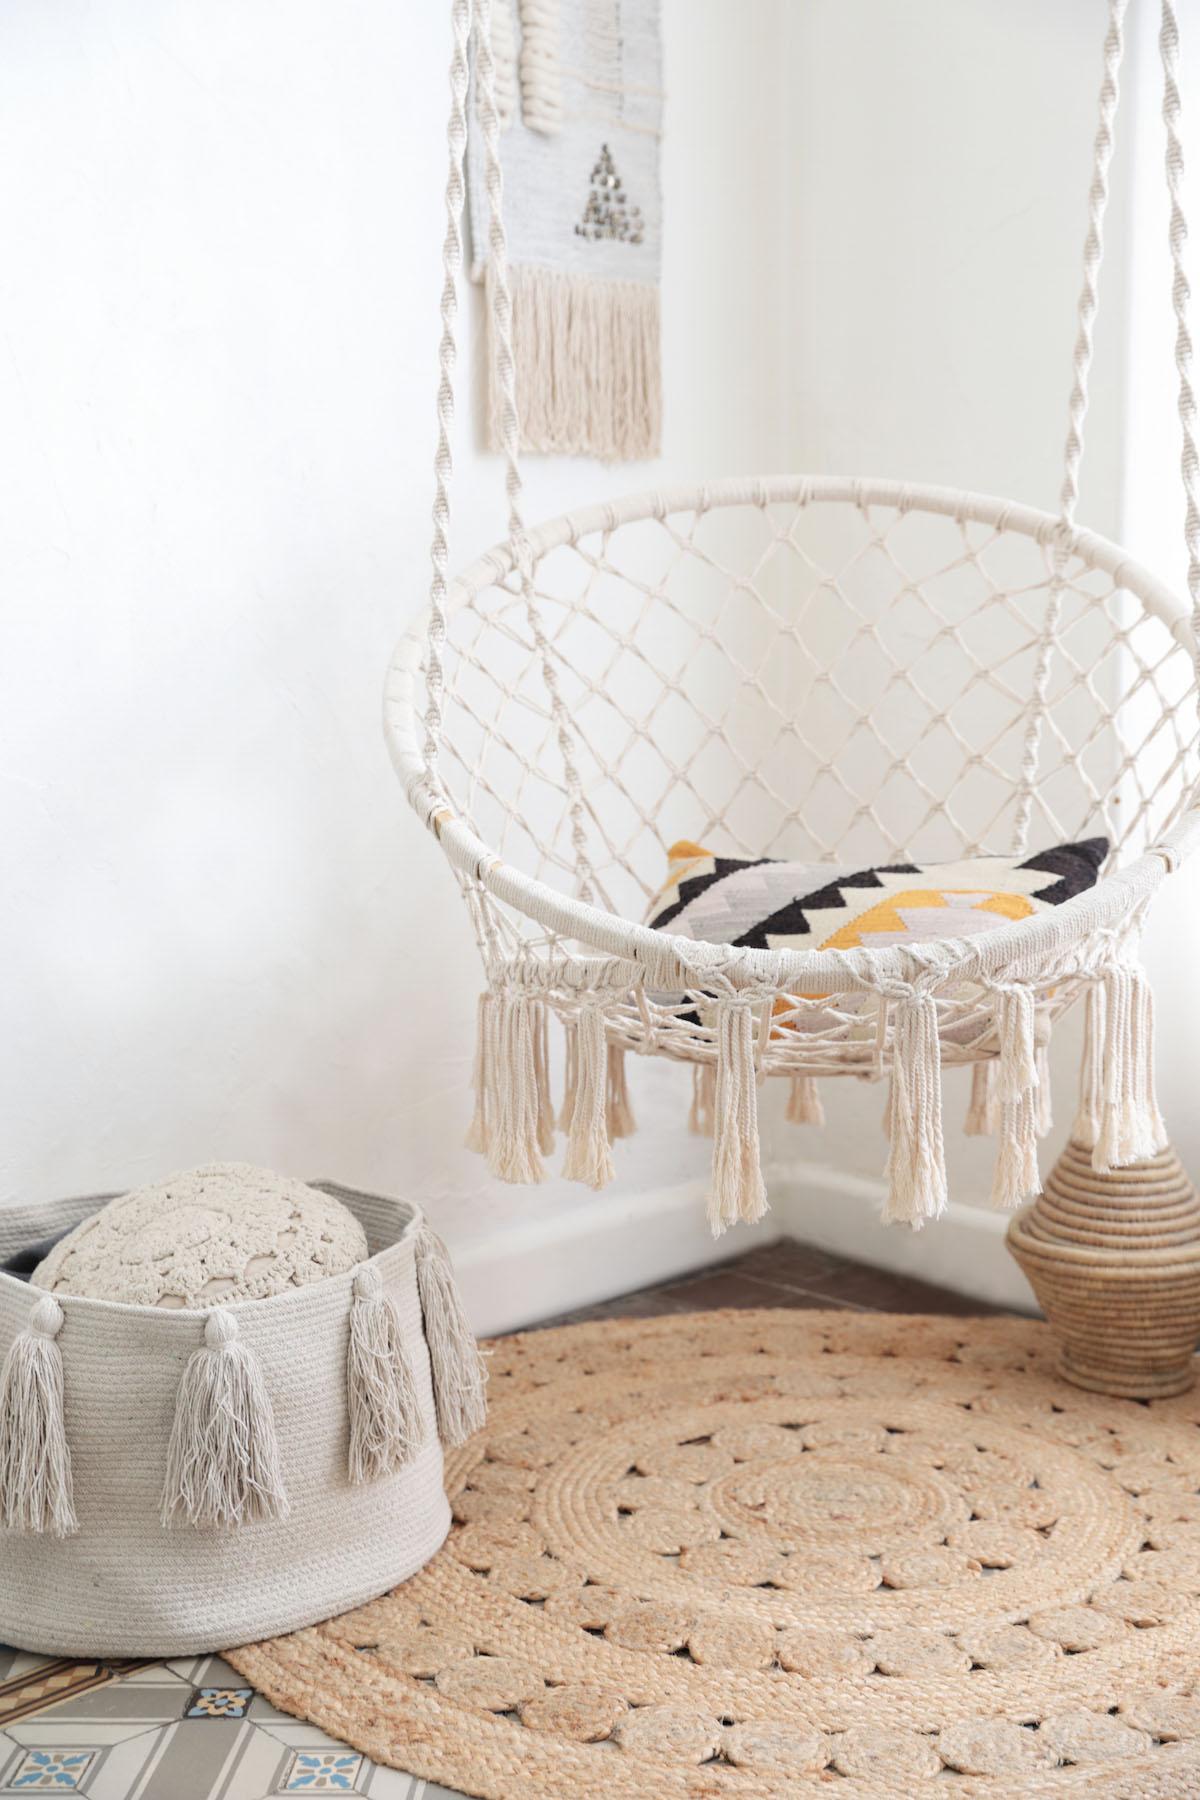 Comment décorer sa chambre pour en faire un cocon chaleureux en hiver?